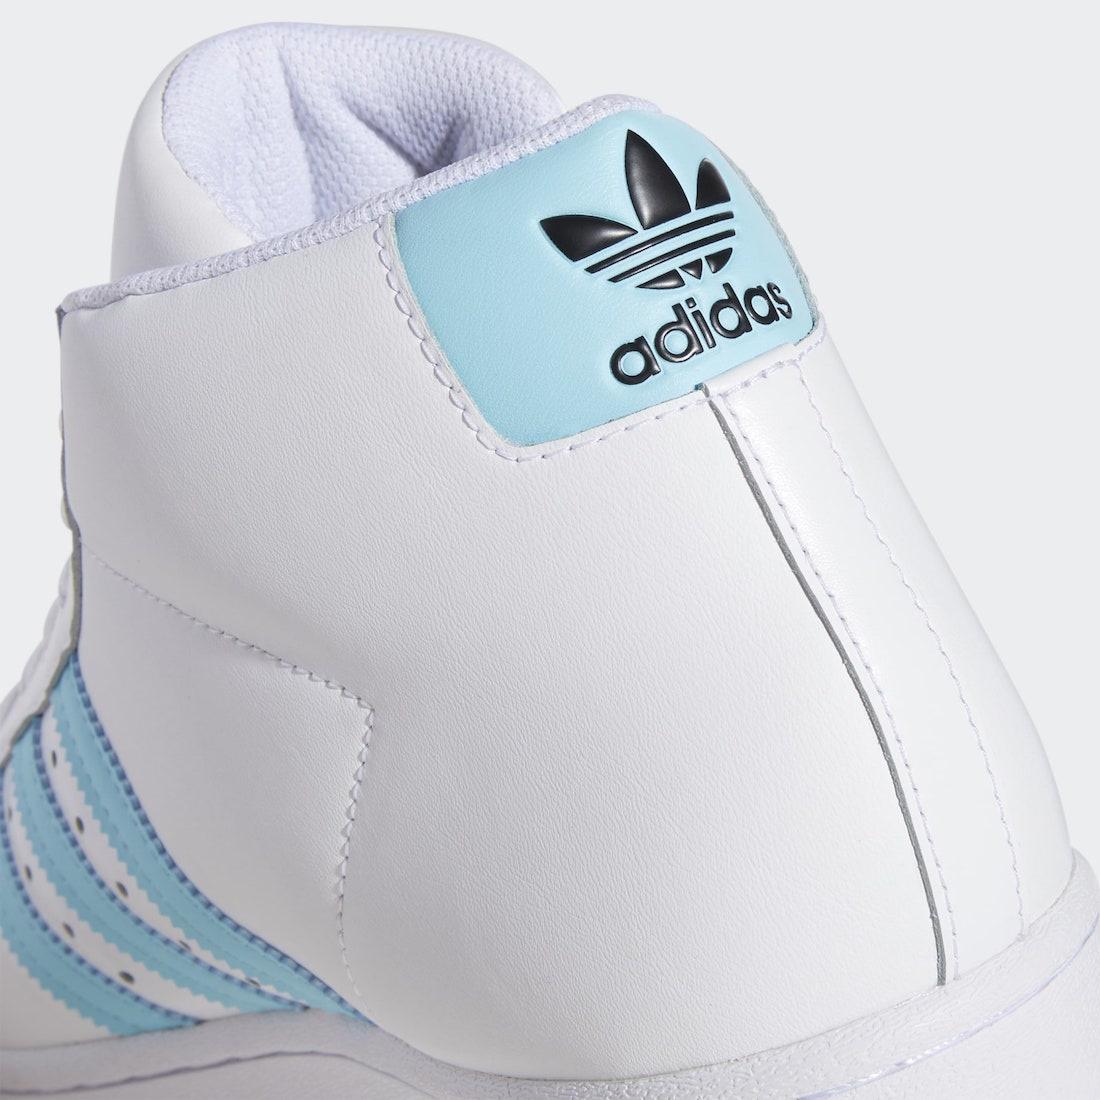 清爽夏日必备!adidas Pro Model 新配色将于近期发售!